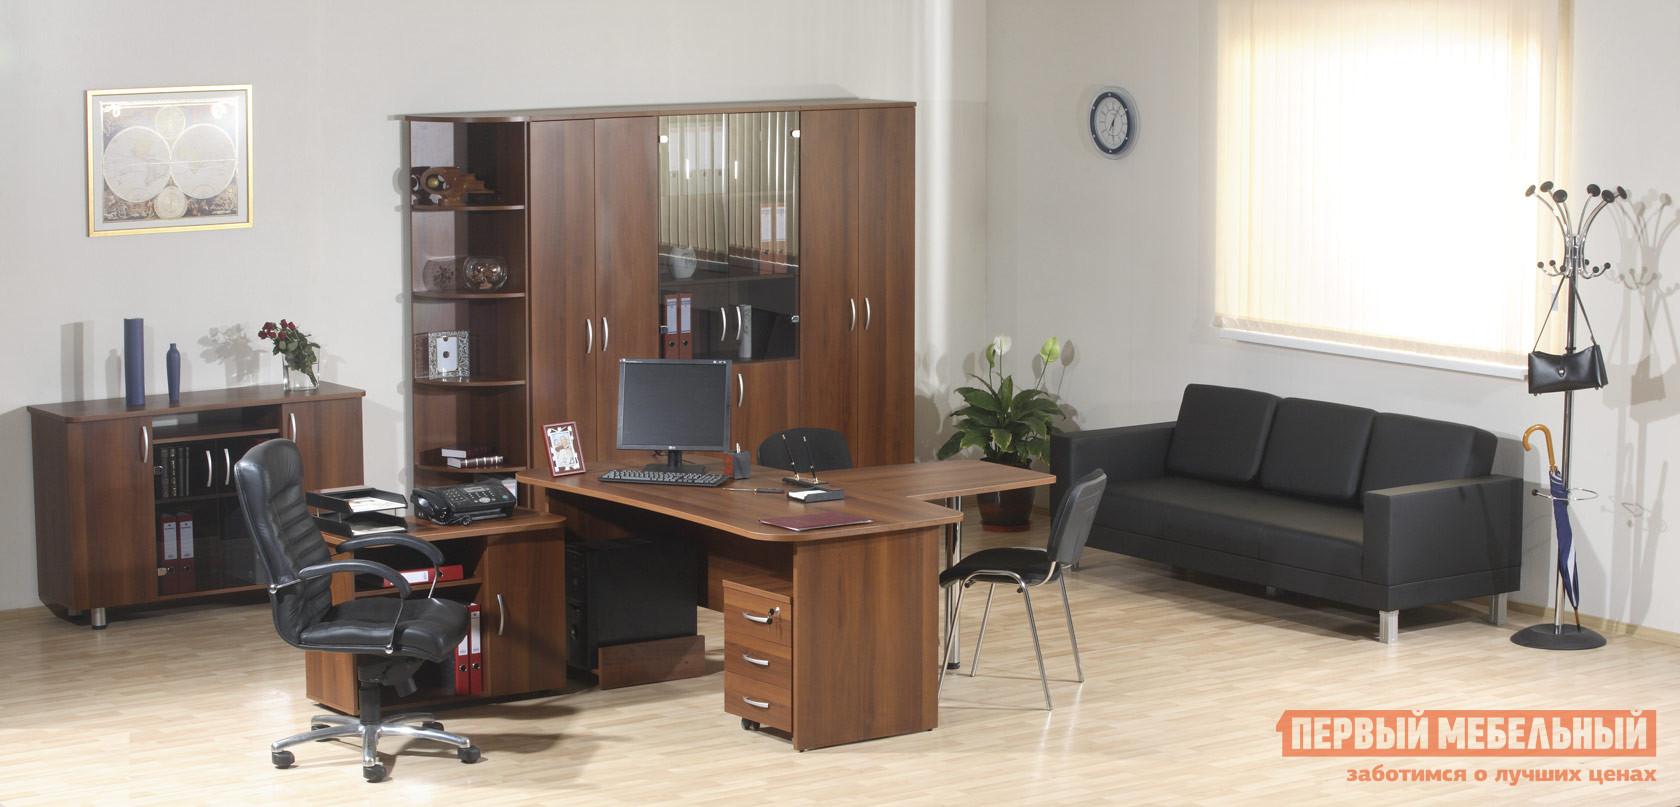 Комплект офисной мебели Витра Лидер К3 комплект офисной мебели pointex свифт к3 темный